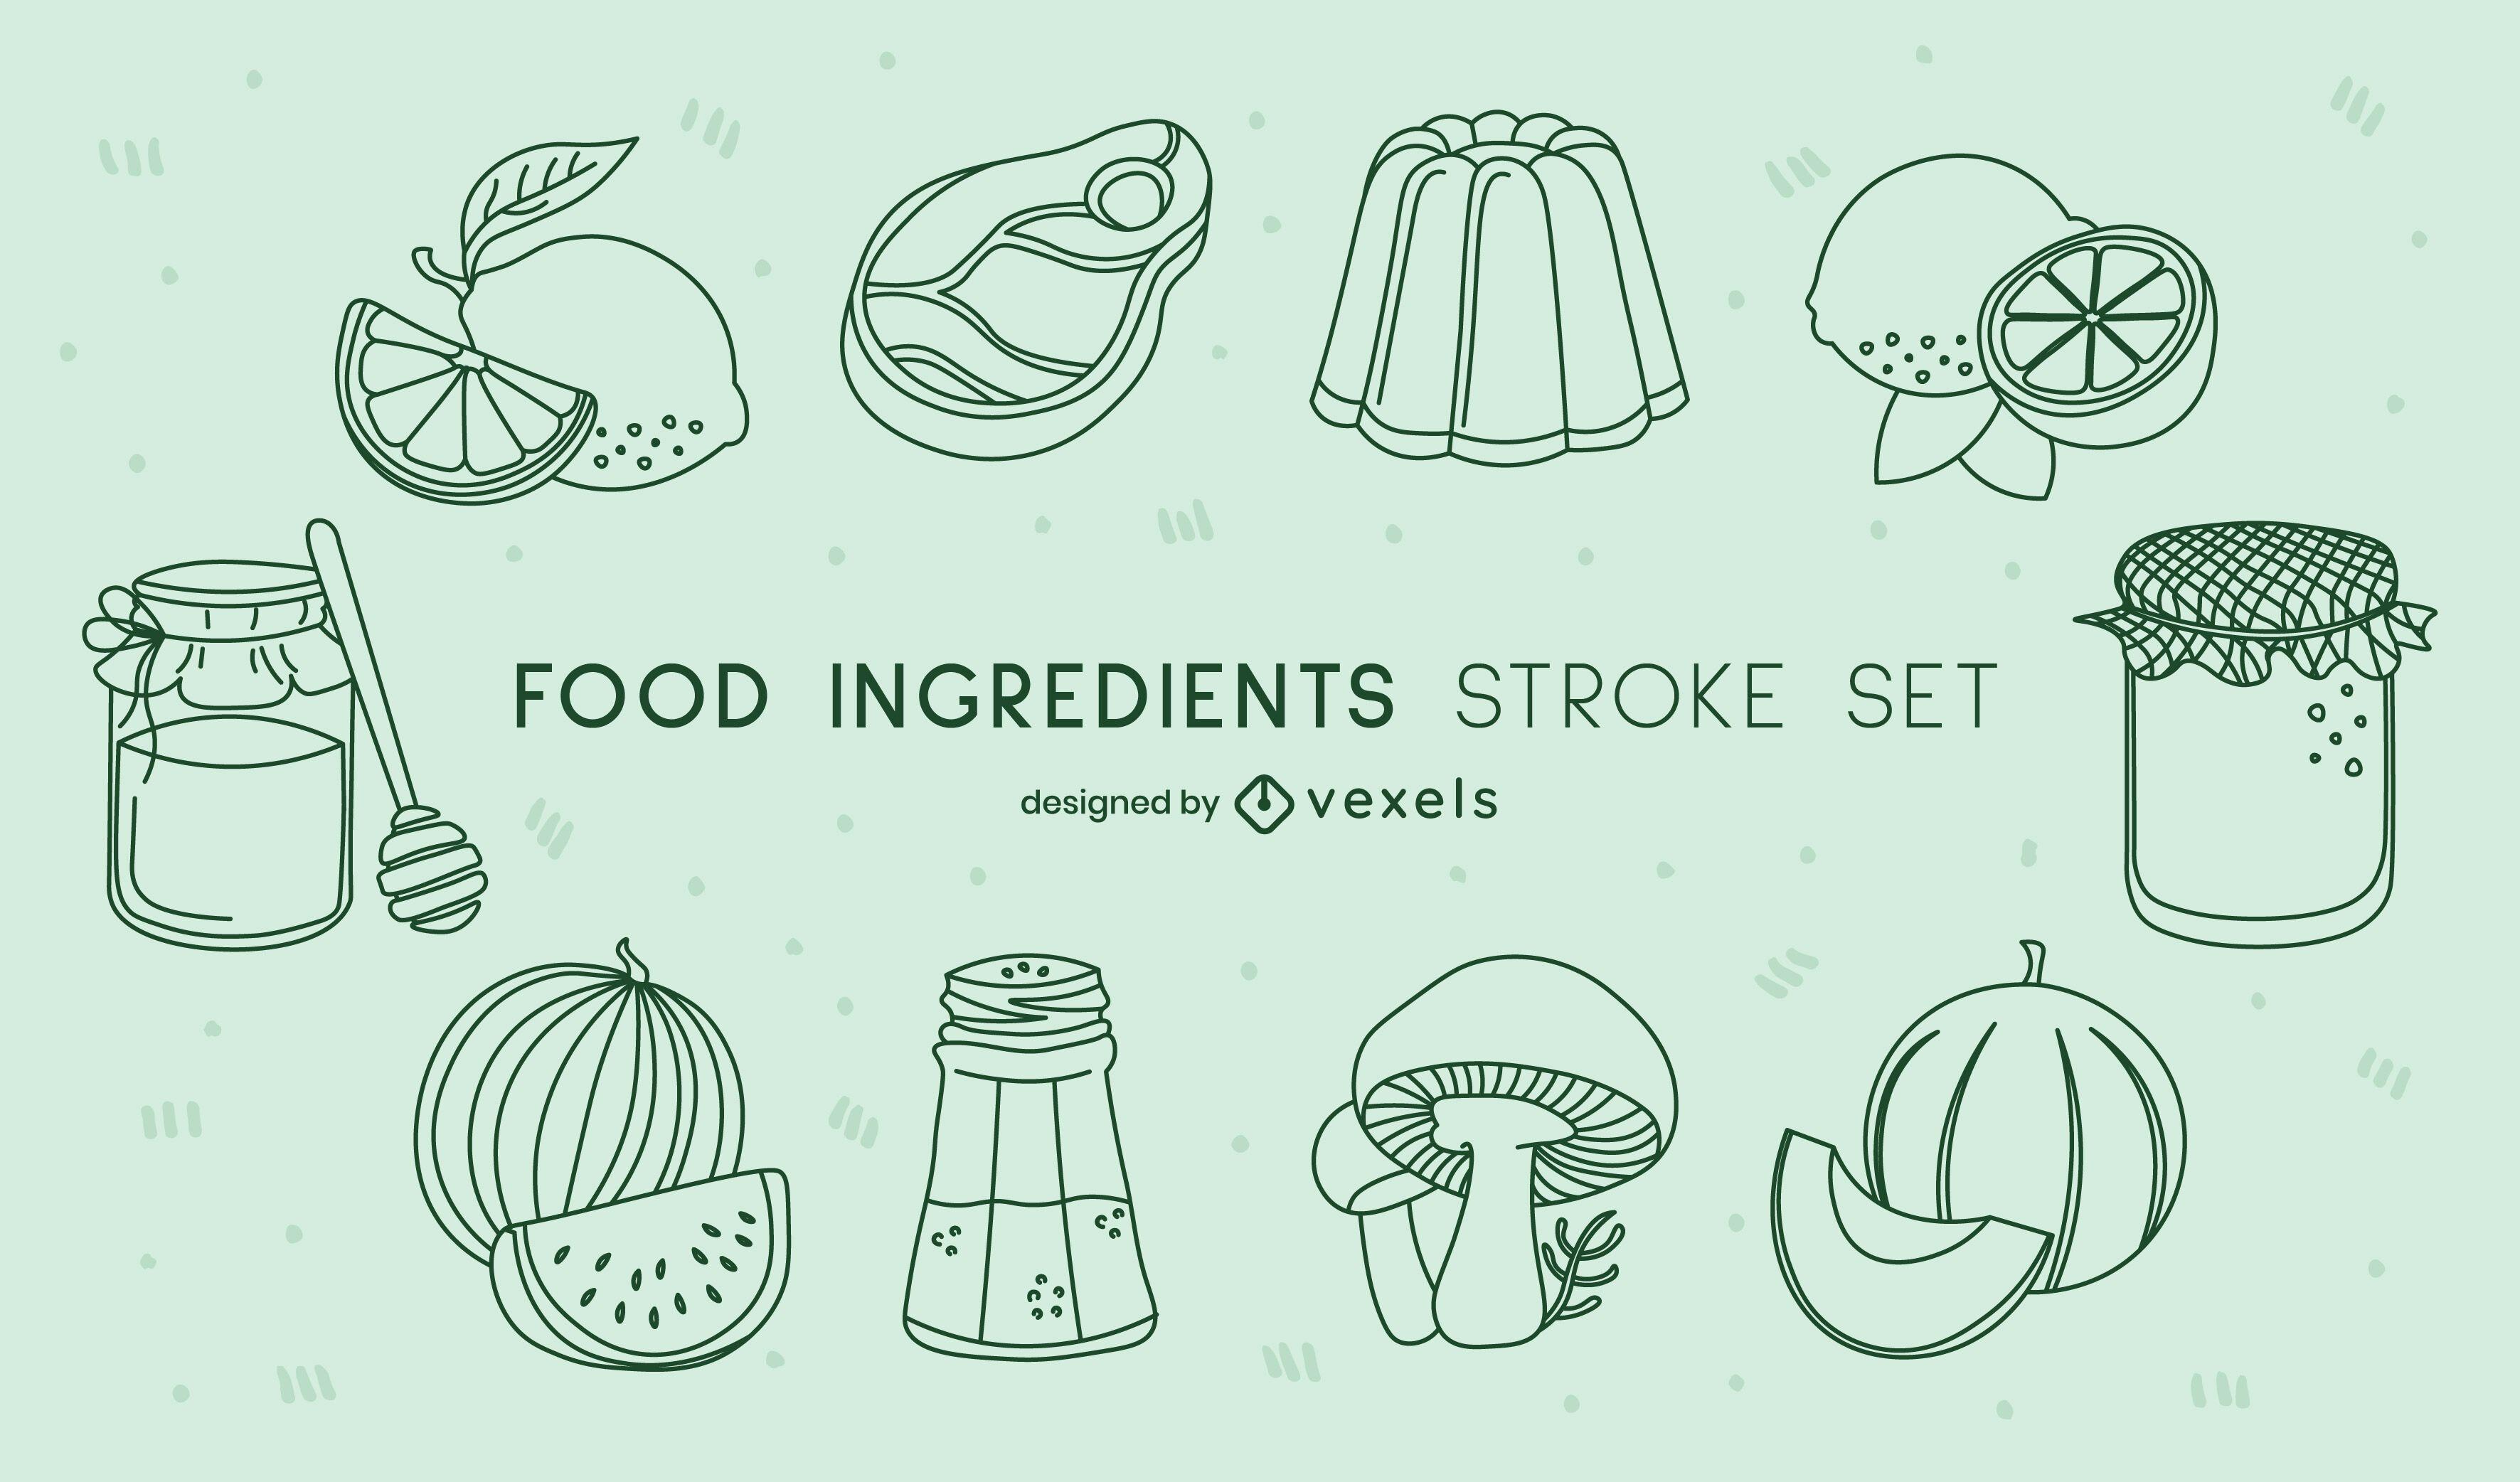 Zutaten, die Lebensmittel-Strichset kochen